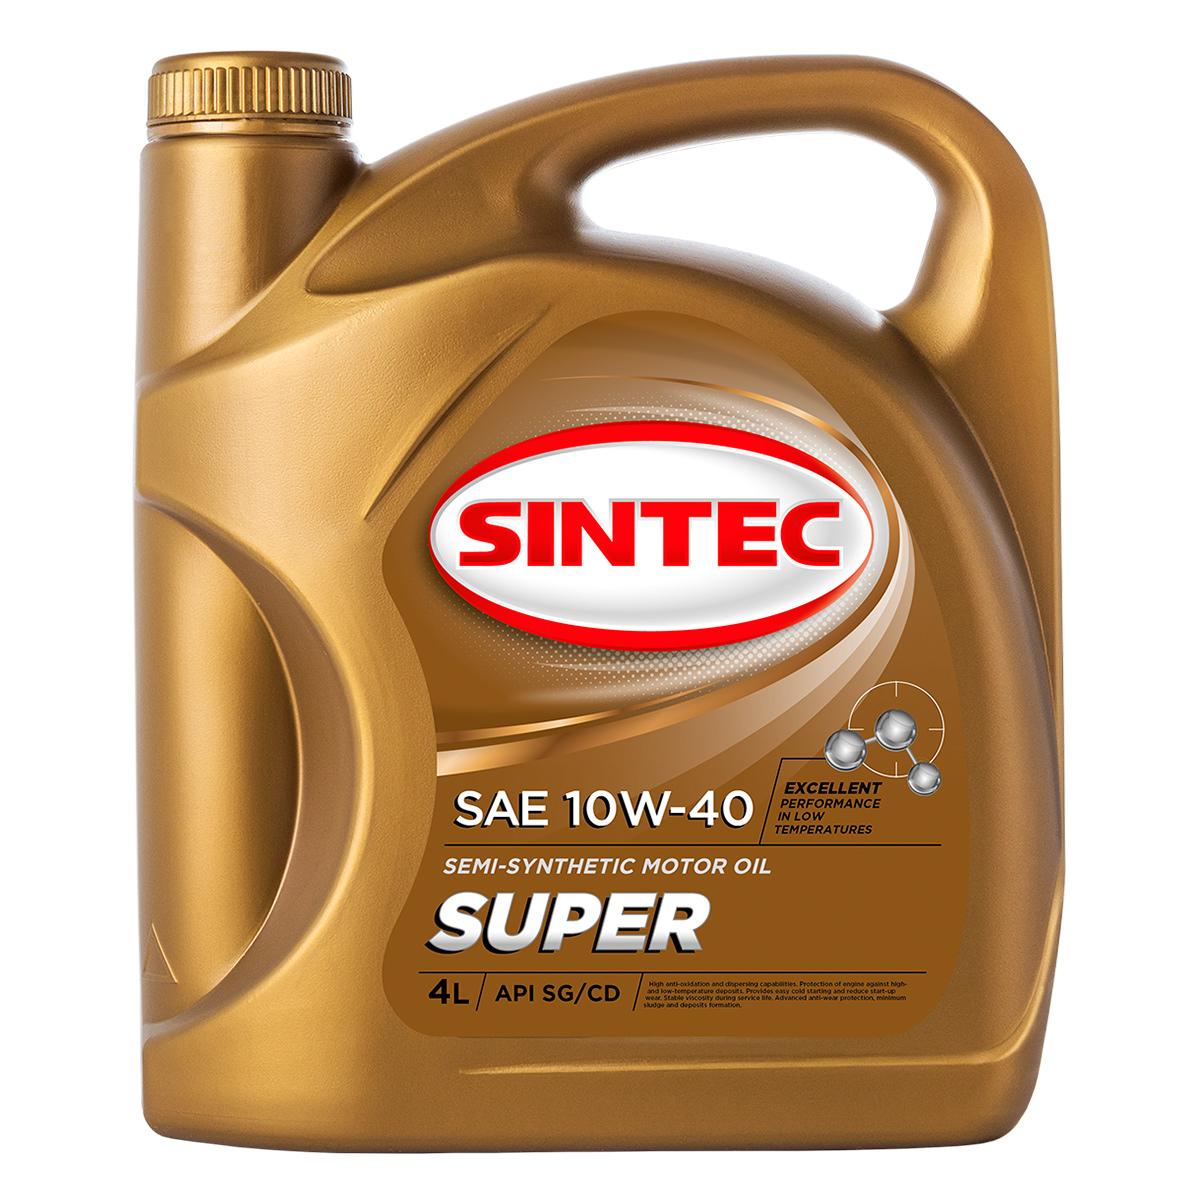 SINTEC SUPER SAE 10W-40 API SG/CD